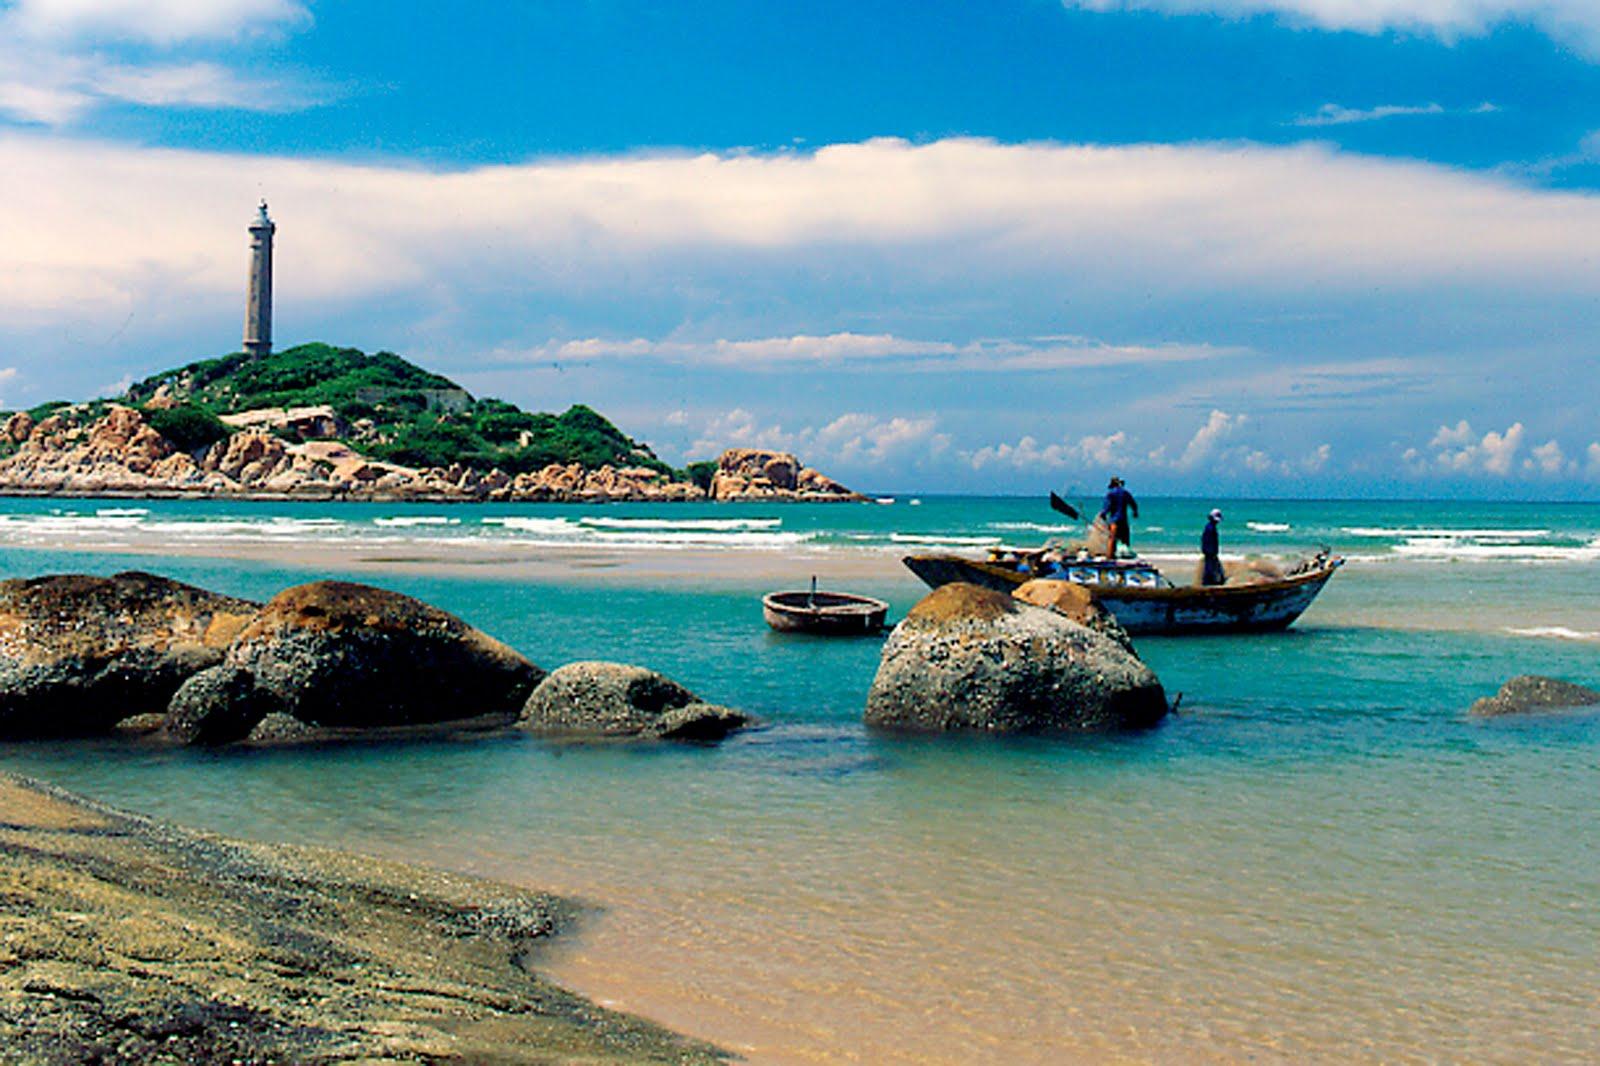 Hải đăng Nam Du nằm trên đỉnh Hòn Lớn (Củ Tron) thuộc xã An Sơn. Đây được xem là ngọn hải đăng cao nhất Việt Nam nhờ nằm ở định đồi cao hơn 300 mét so với mực nước biển.